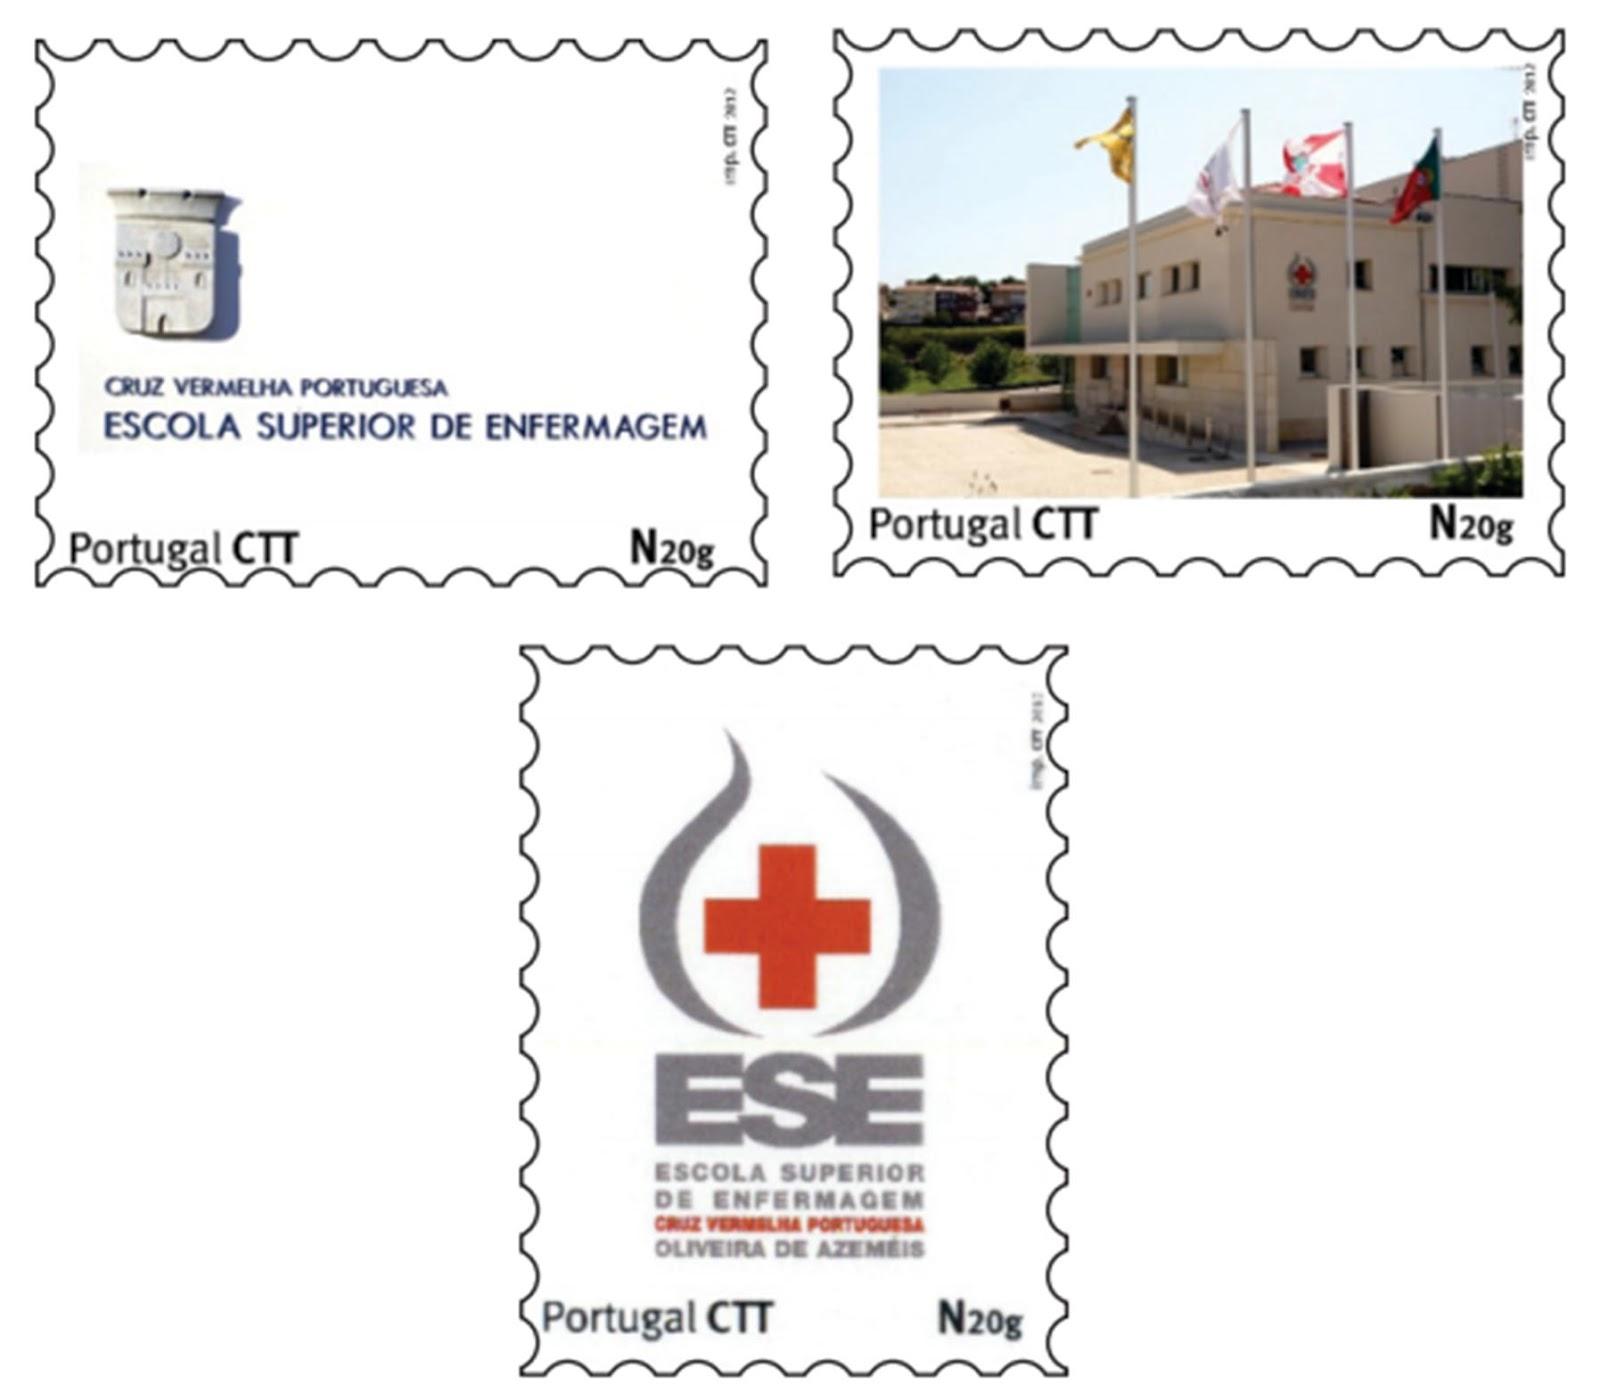 Para assinalar a data a supra referida escola solicitou ainda aos CTT a  emissão de 3 selos personalizados. 6fc349e9699f0